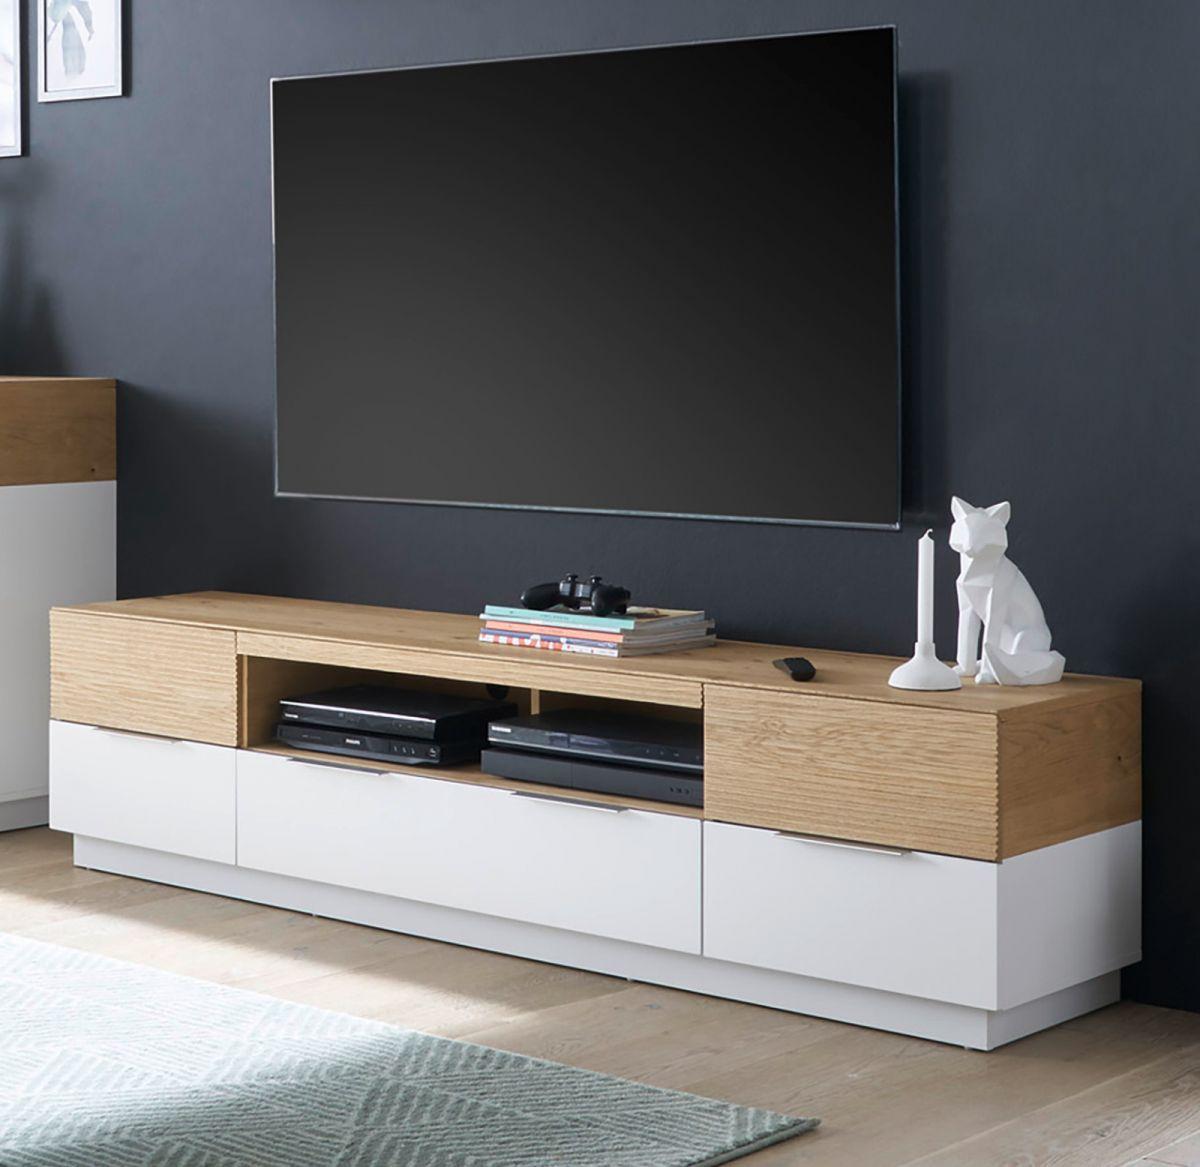 TV-Lowboard Dubai in weiss matt lackiert und Eiche massiv 182 cm